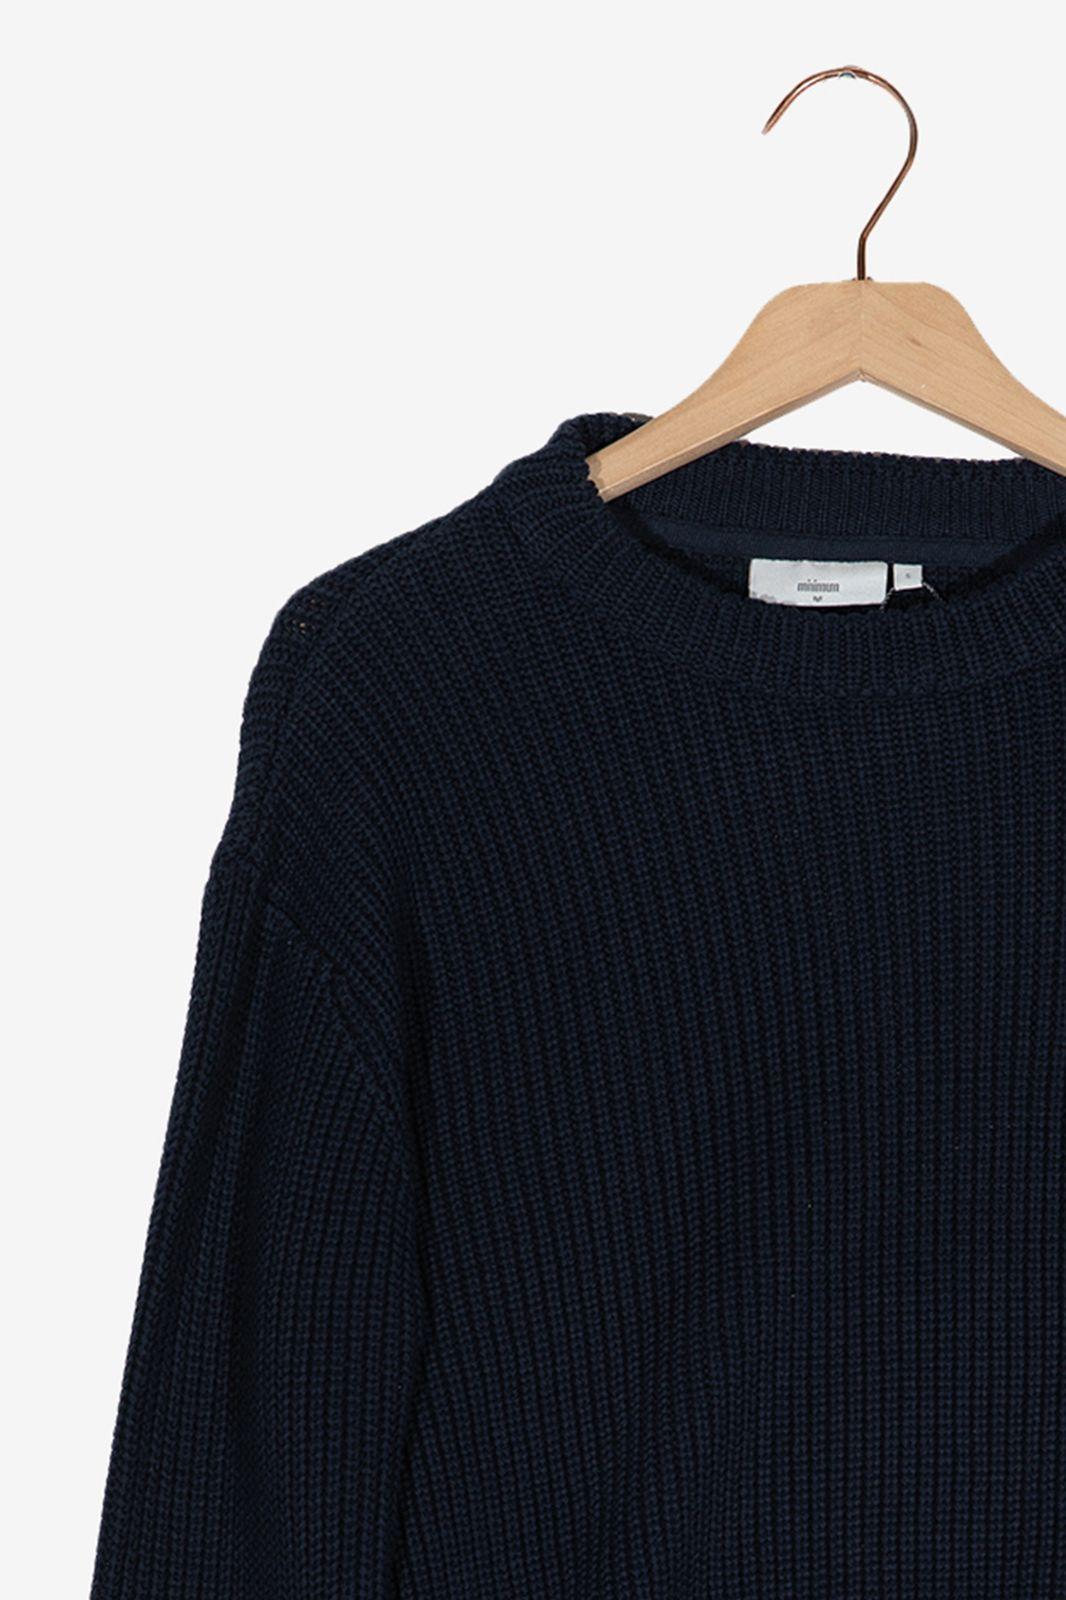 Minimum donkerblauwe gebreide trui